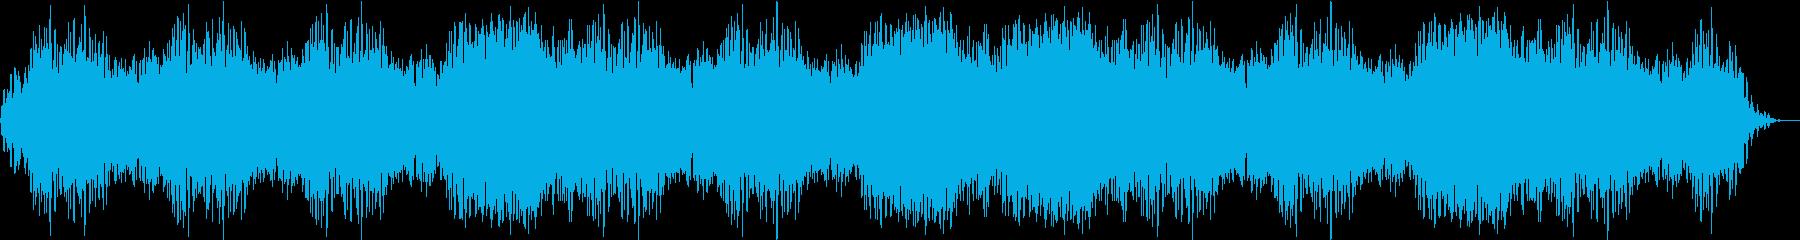 痛みを緩和するリラクゼーション音楽の再生済みの波形